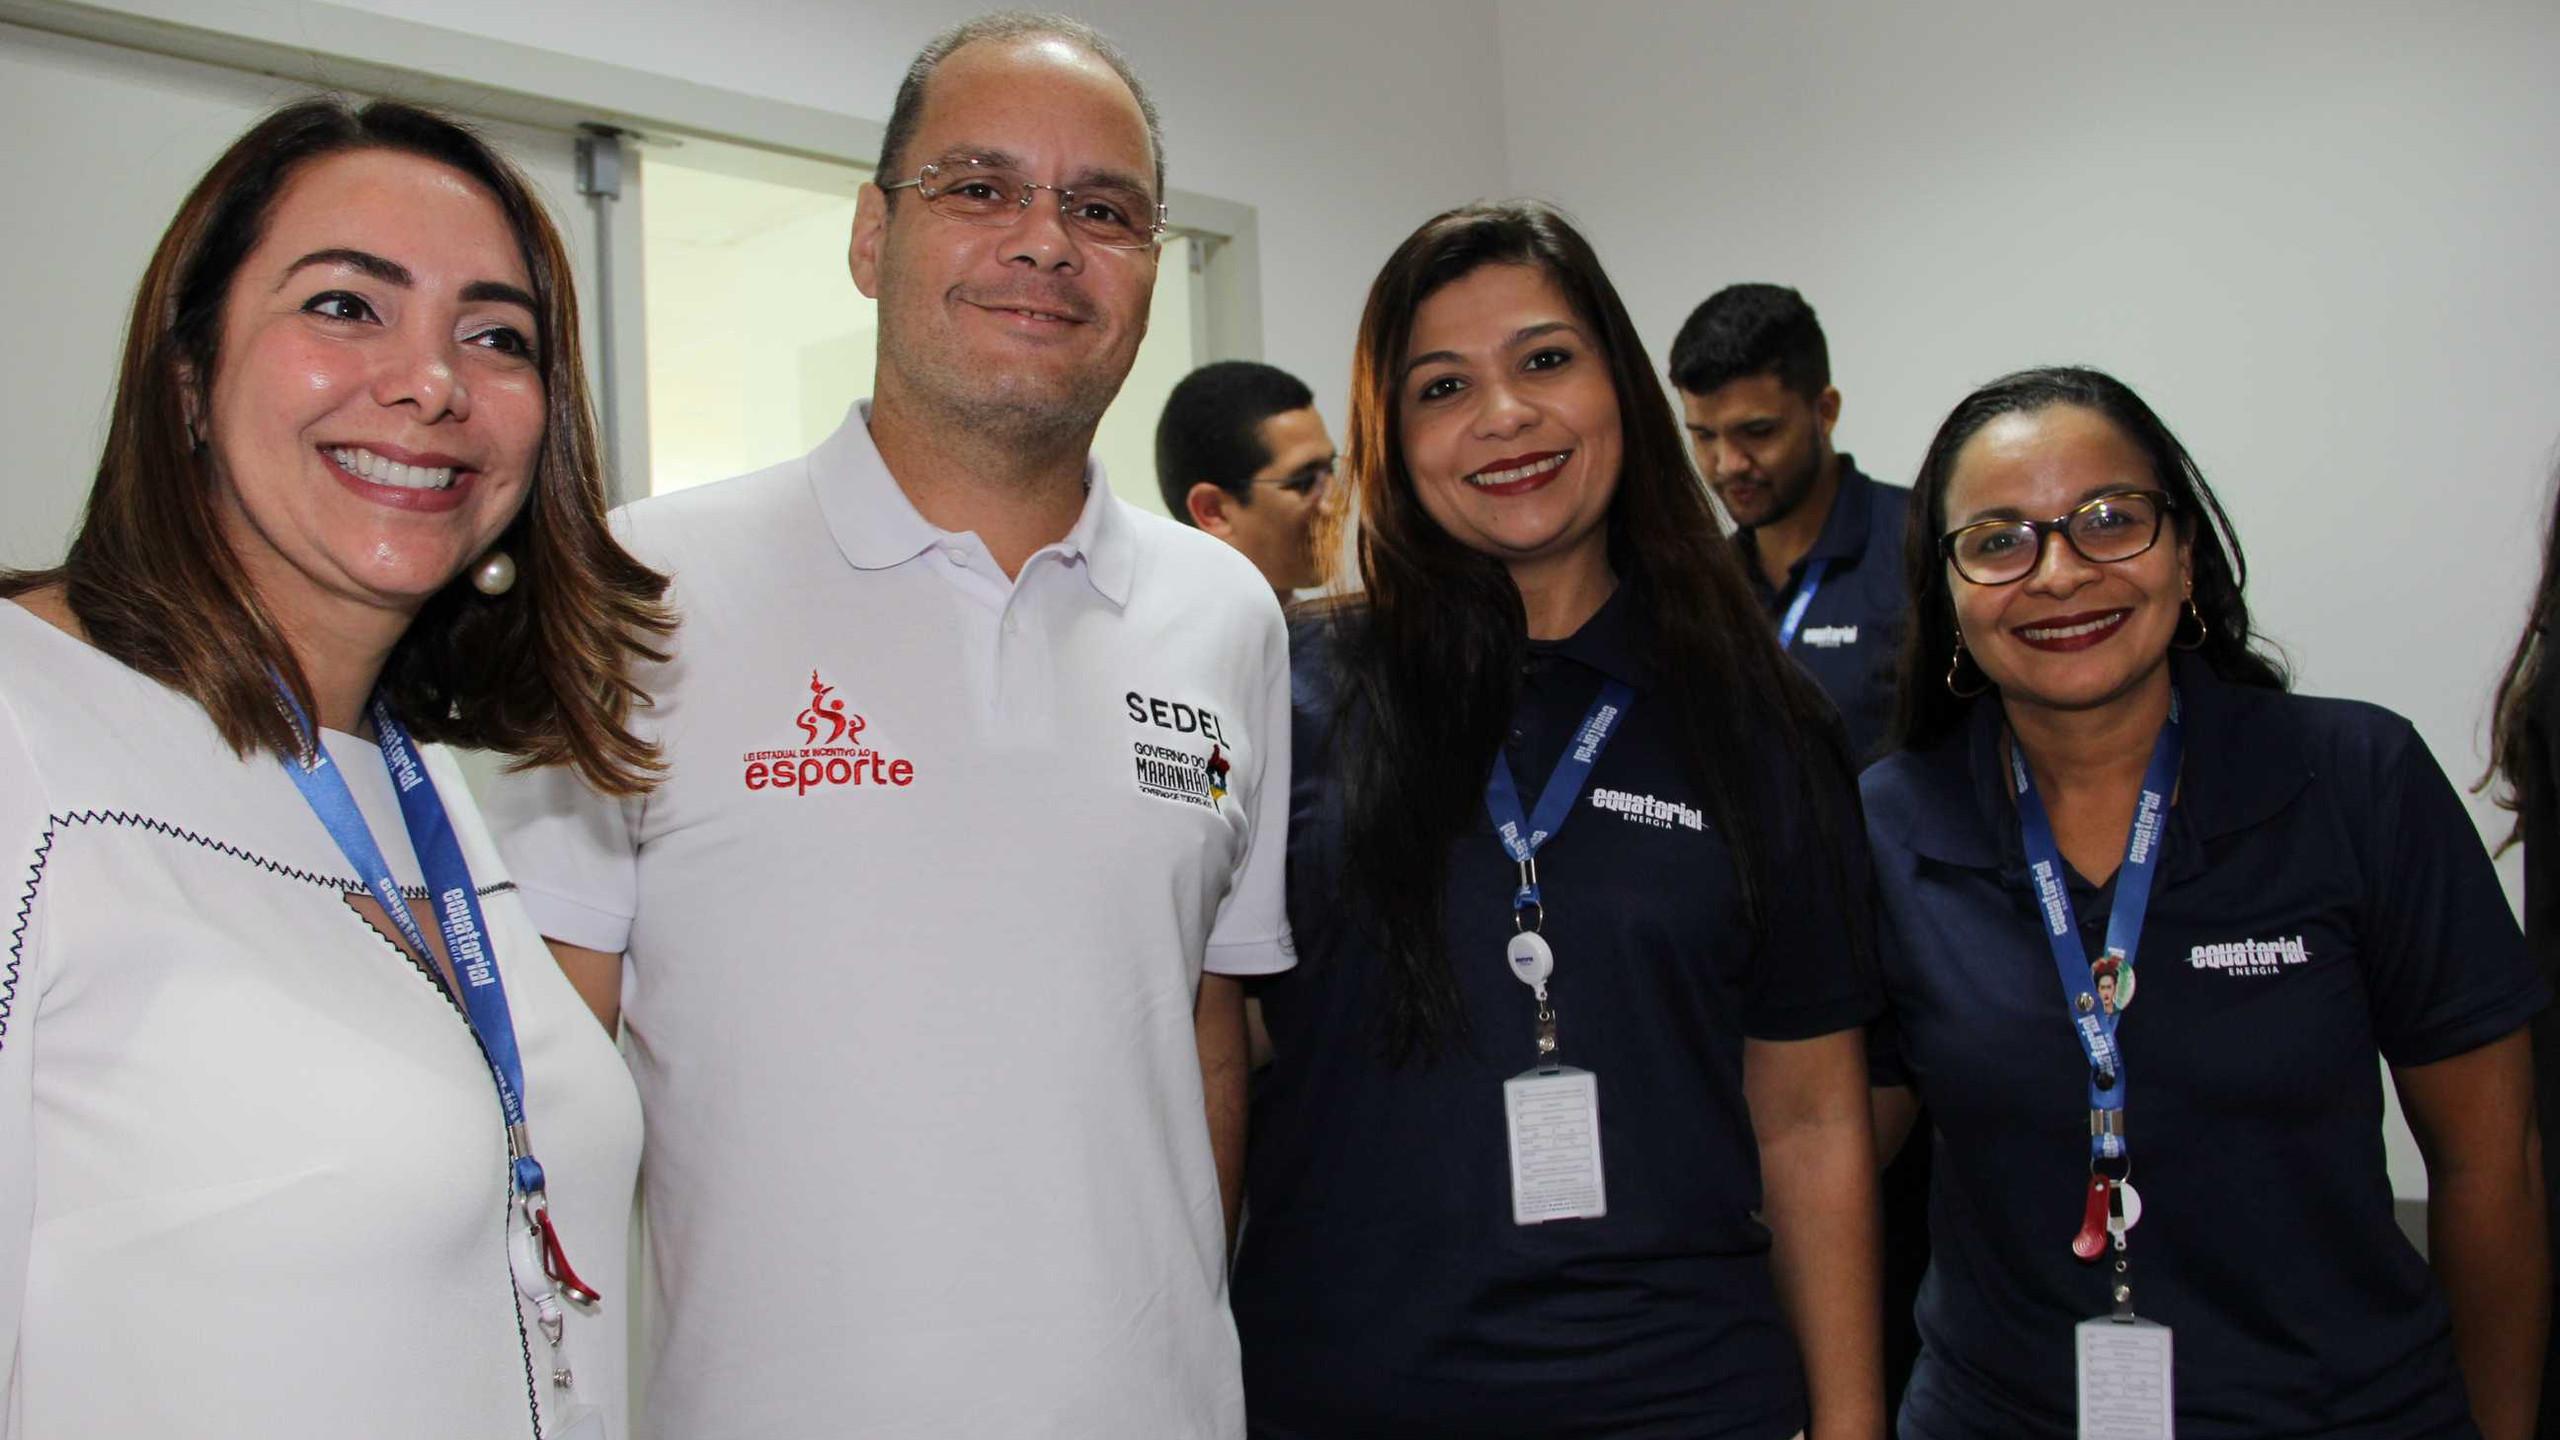 aqueline Guimarães, o Sec Esporte e Lazer Rogério Cafeteira, Francila Soaeres e Jeane Pires.